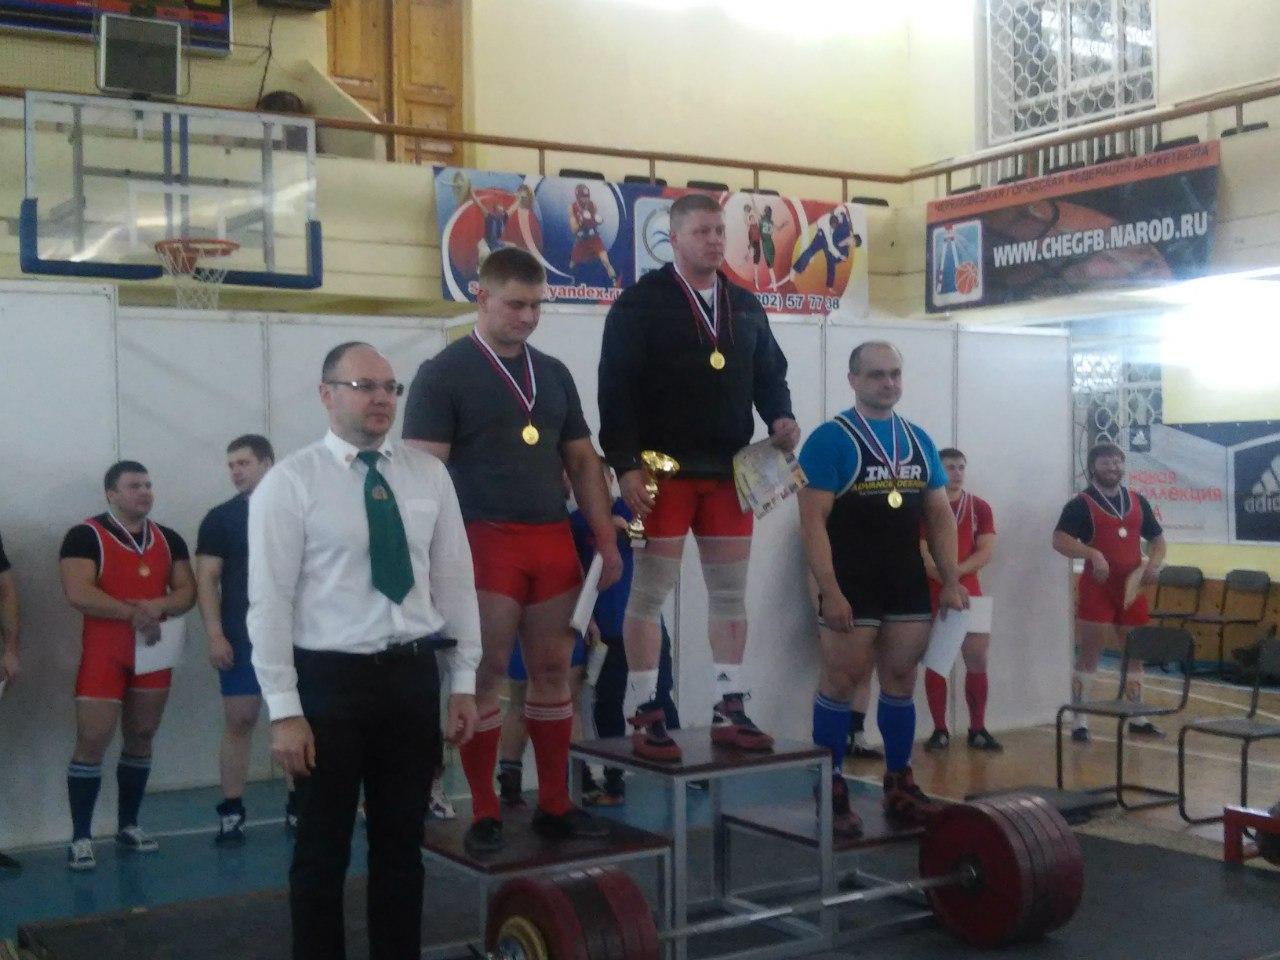 11 медалей разыграли в троеборье череповчане